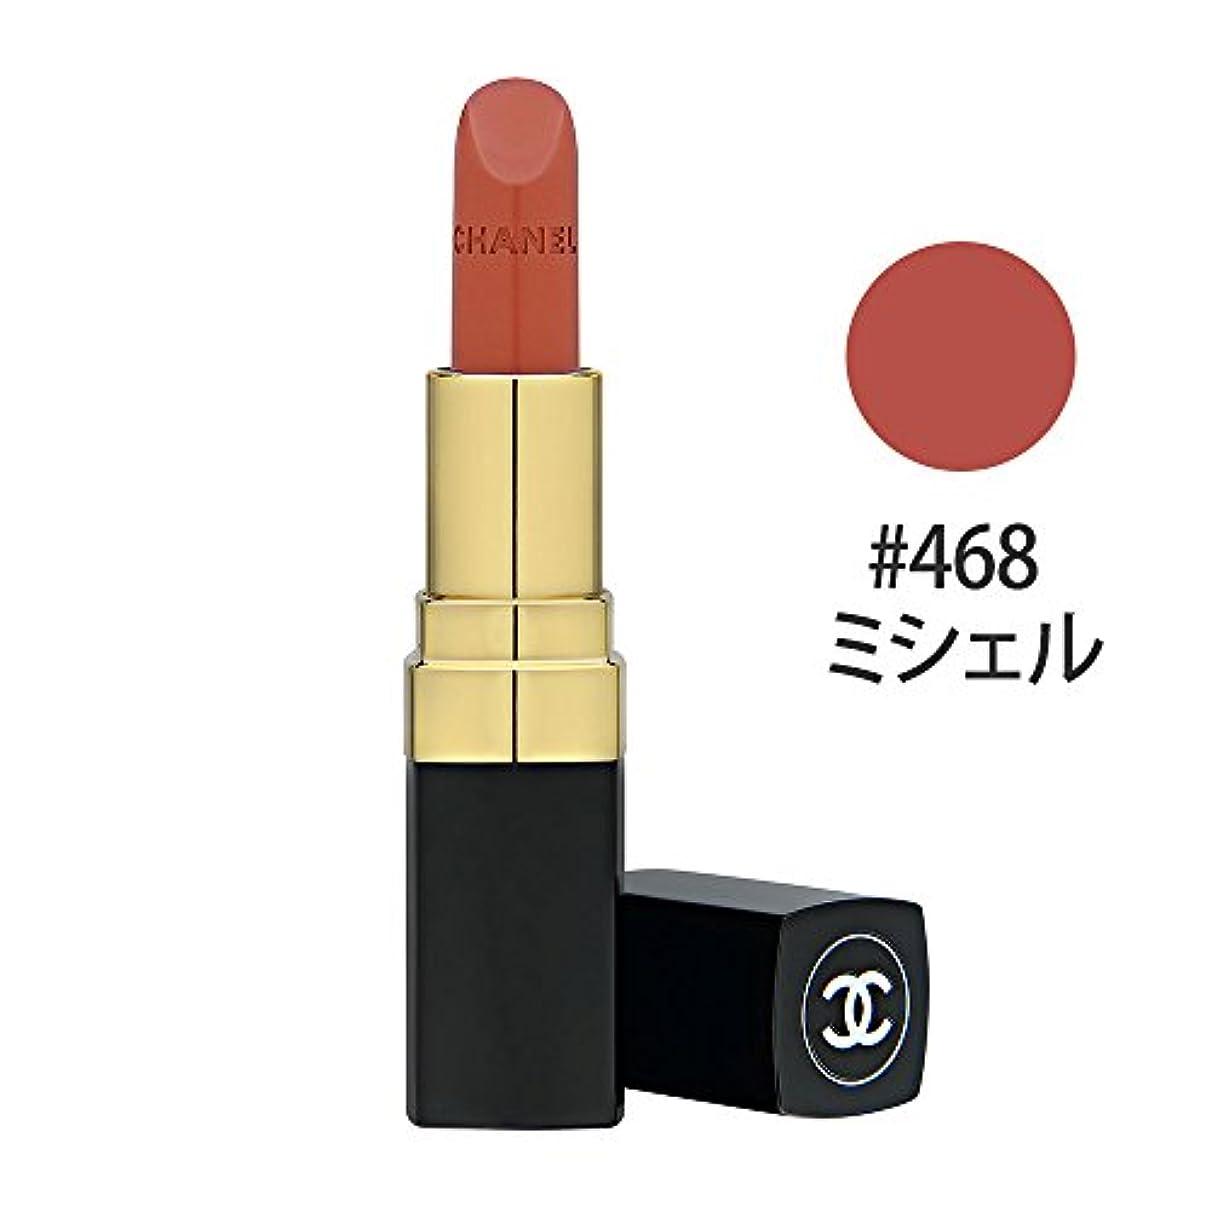 【シャネル】ルージュ ココ #468 ミシェル 3.5g [並行輸入品]